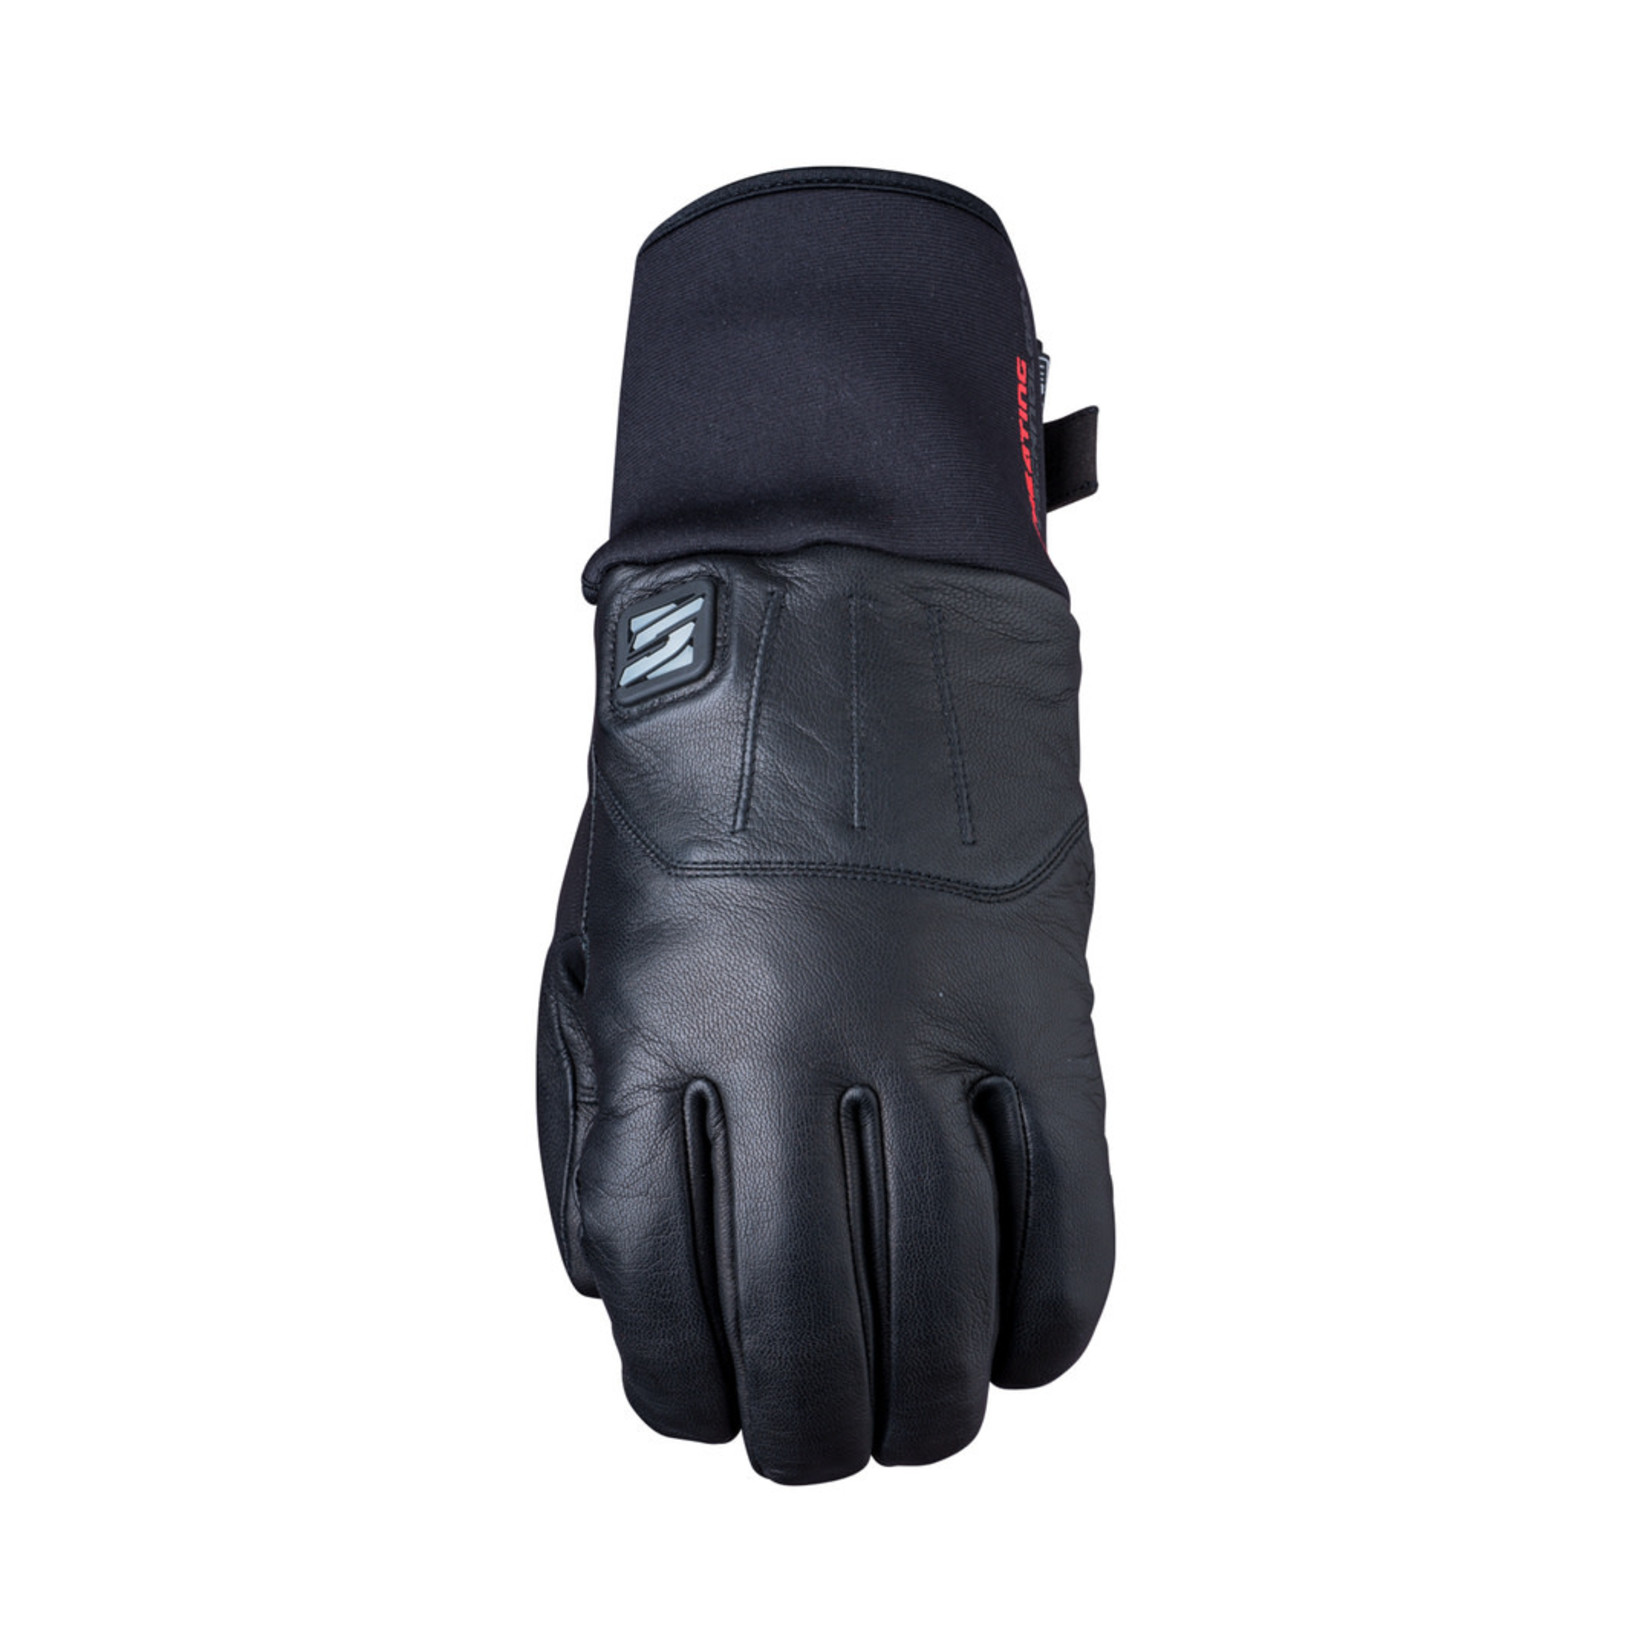 FIVE FIVE - Handschuhe termici HG4 WP neri